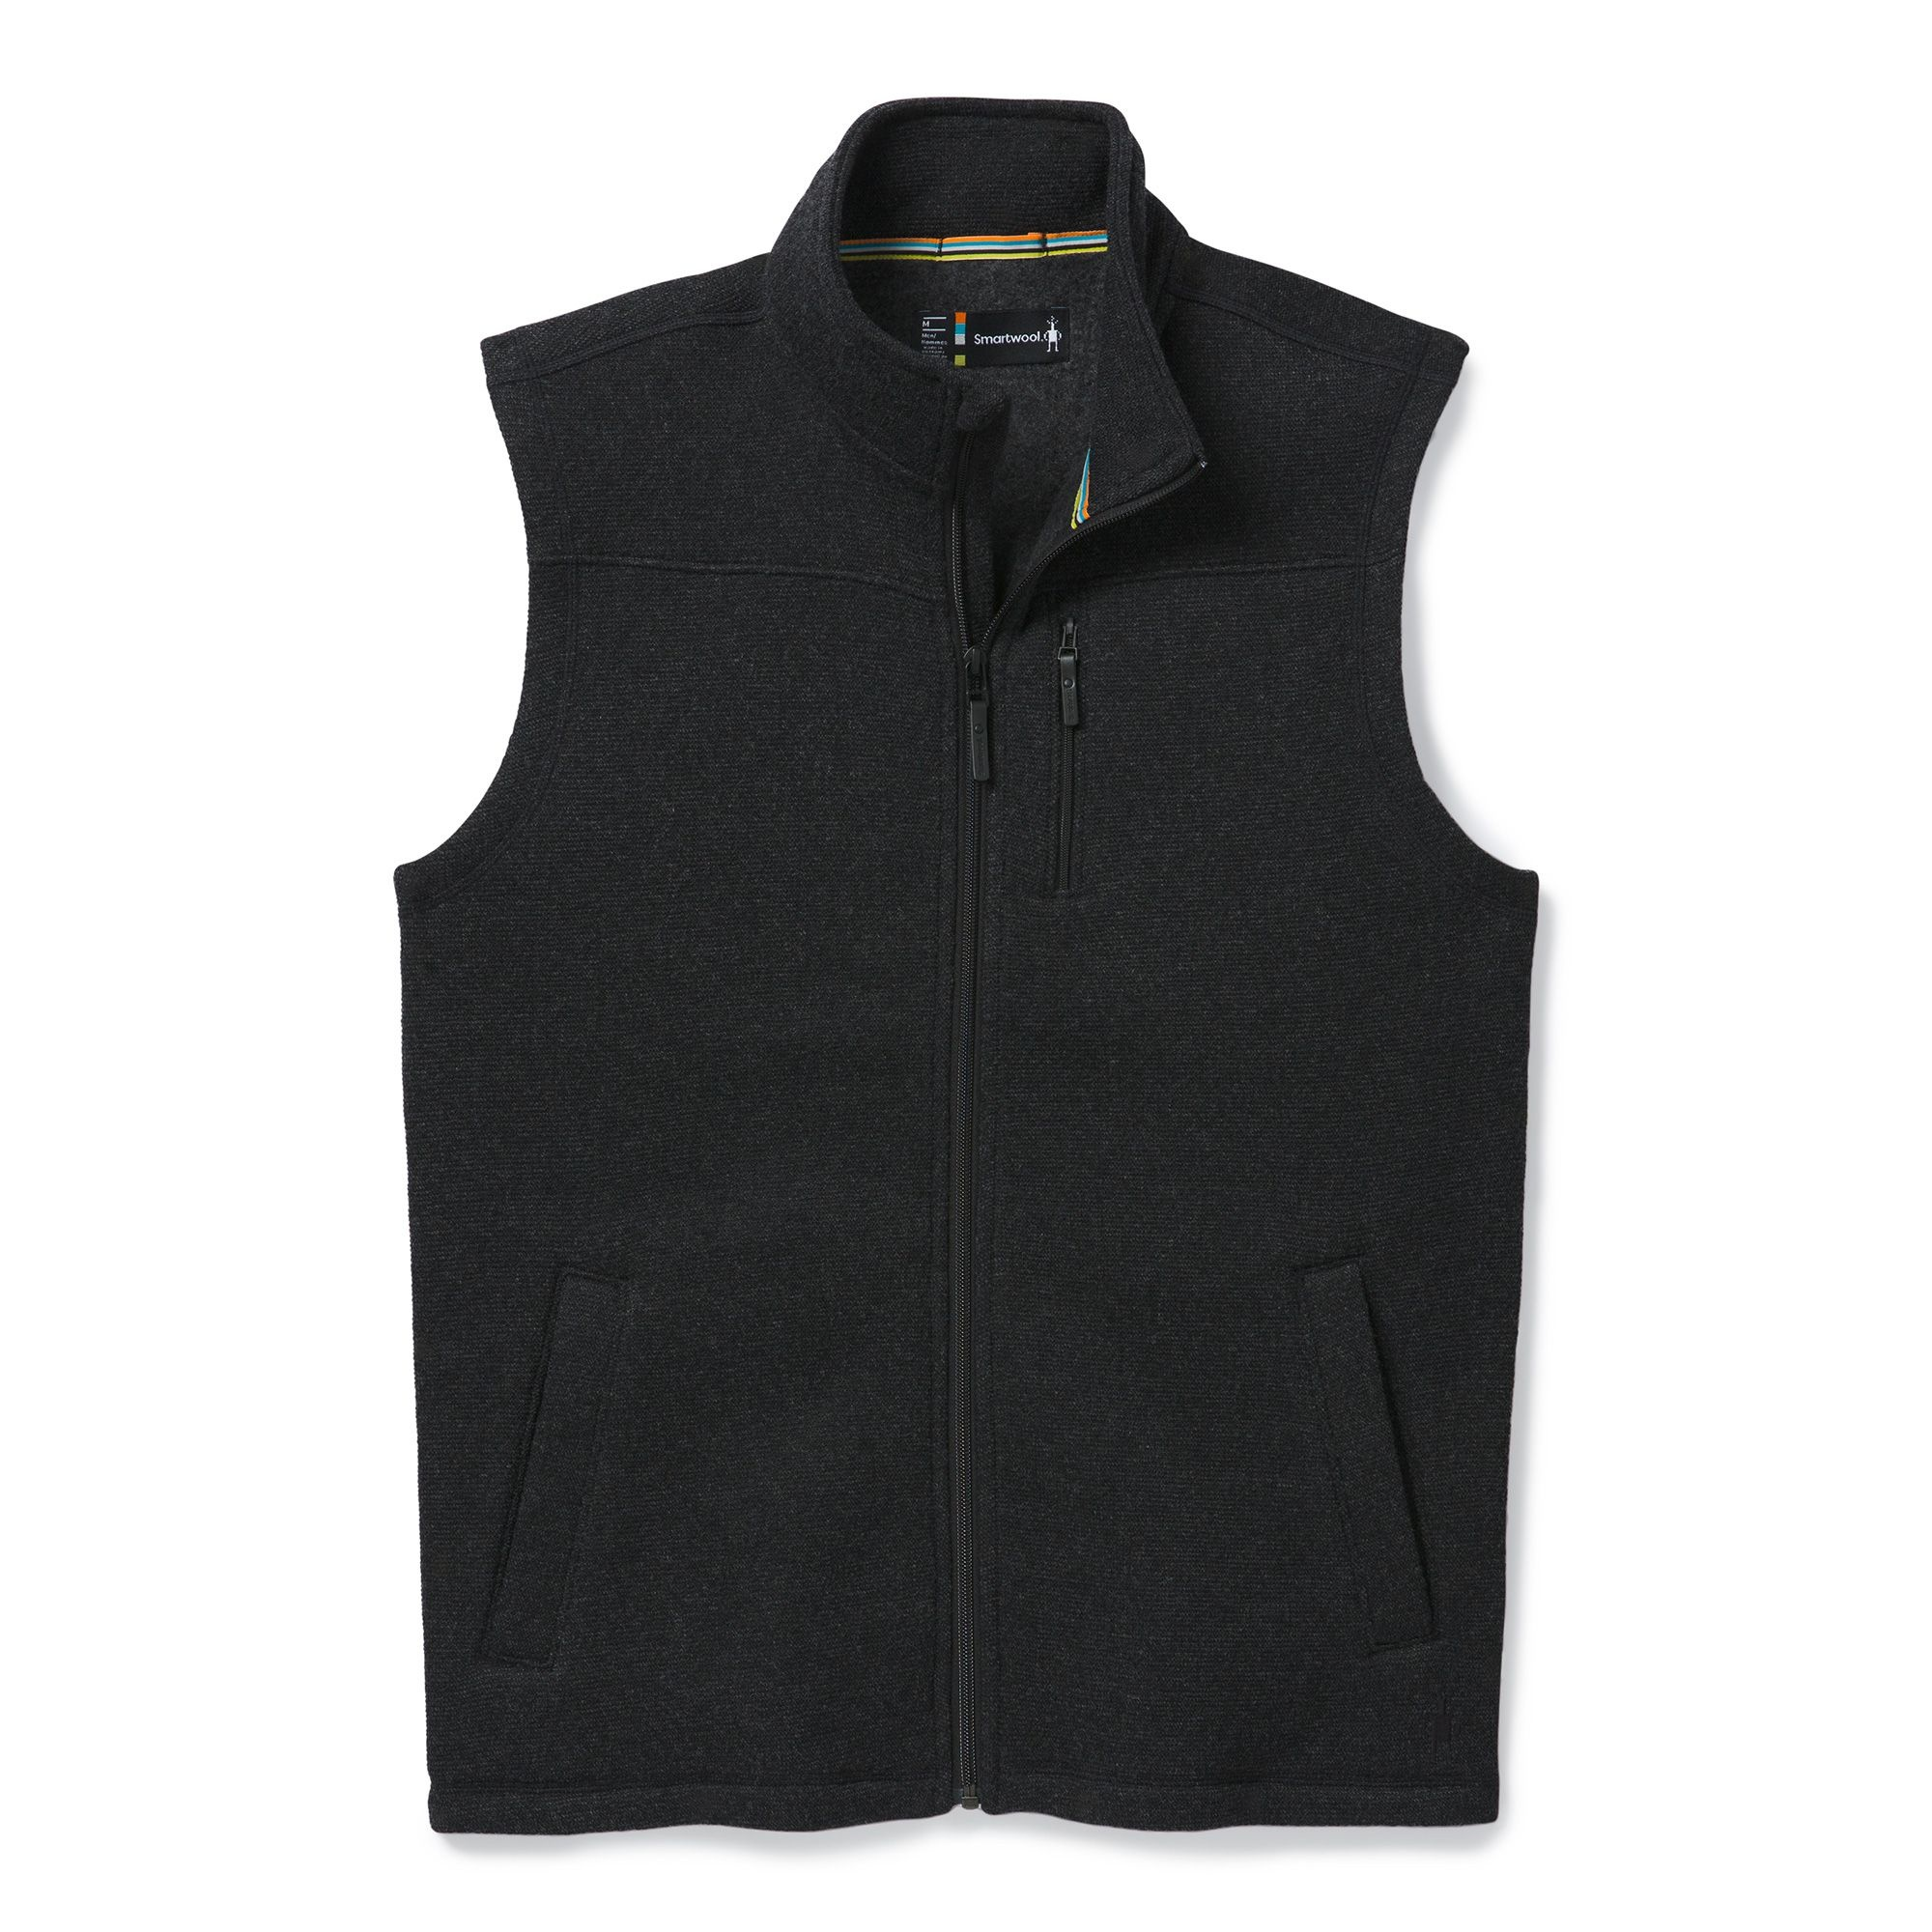 Hudson Trail Fleece Vest - Men's